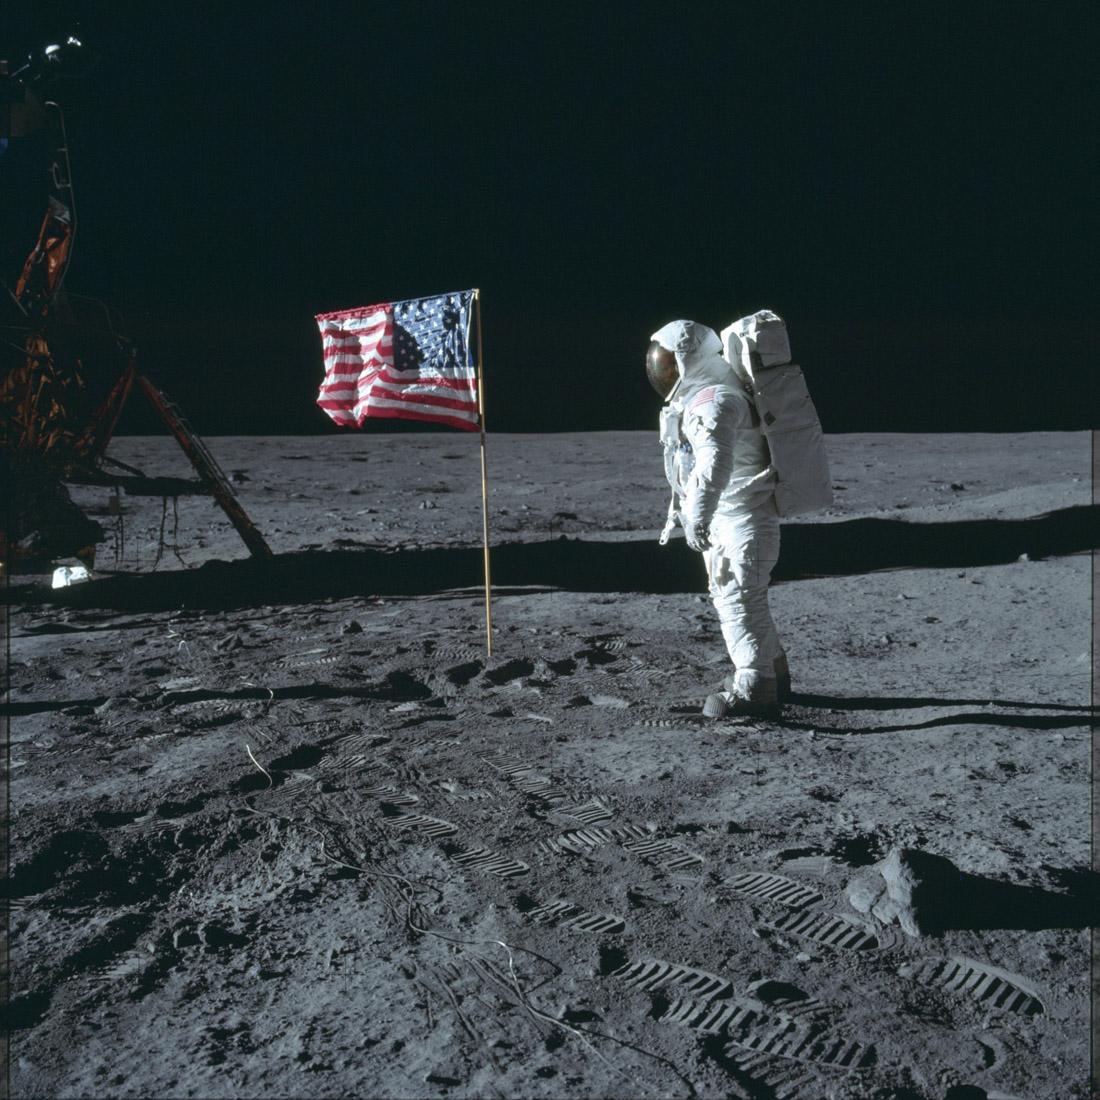 схема строения земли, фото «лунный ландшафт»